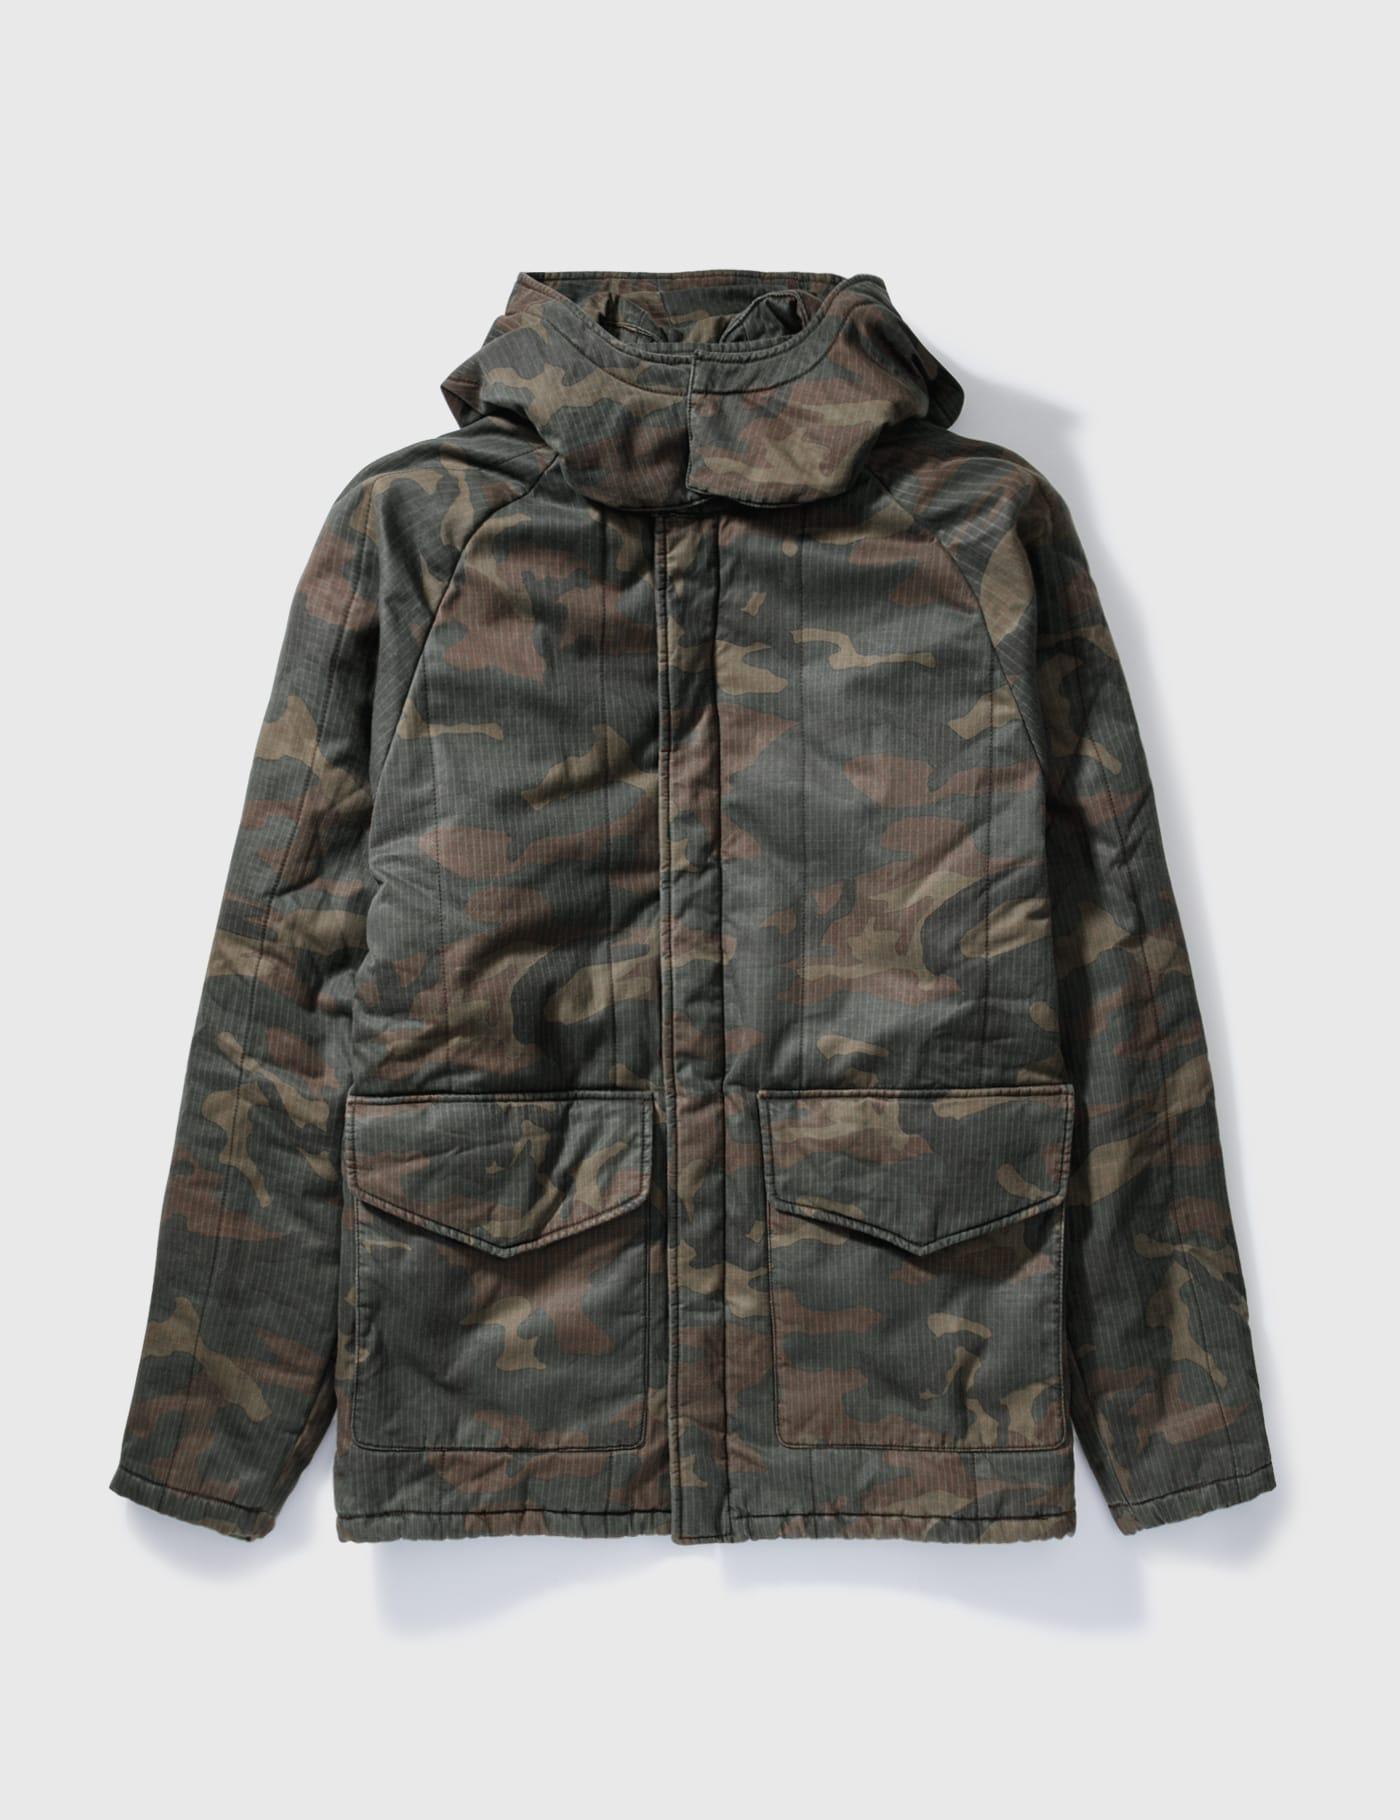 Yeezy Season 1 Camo Jacket